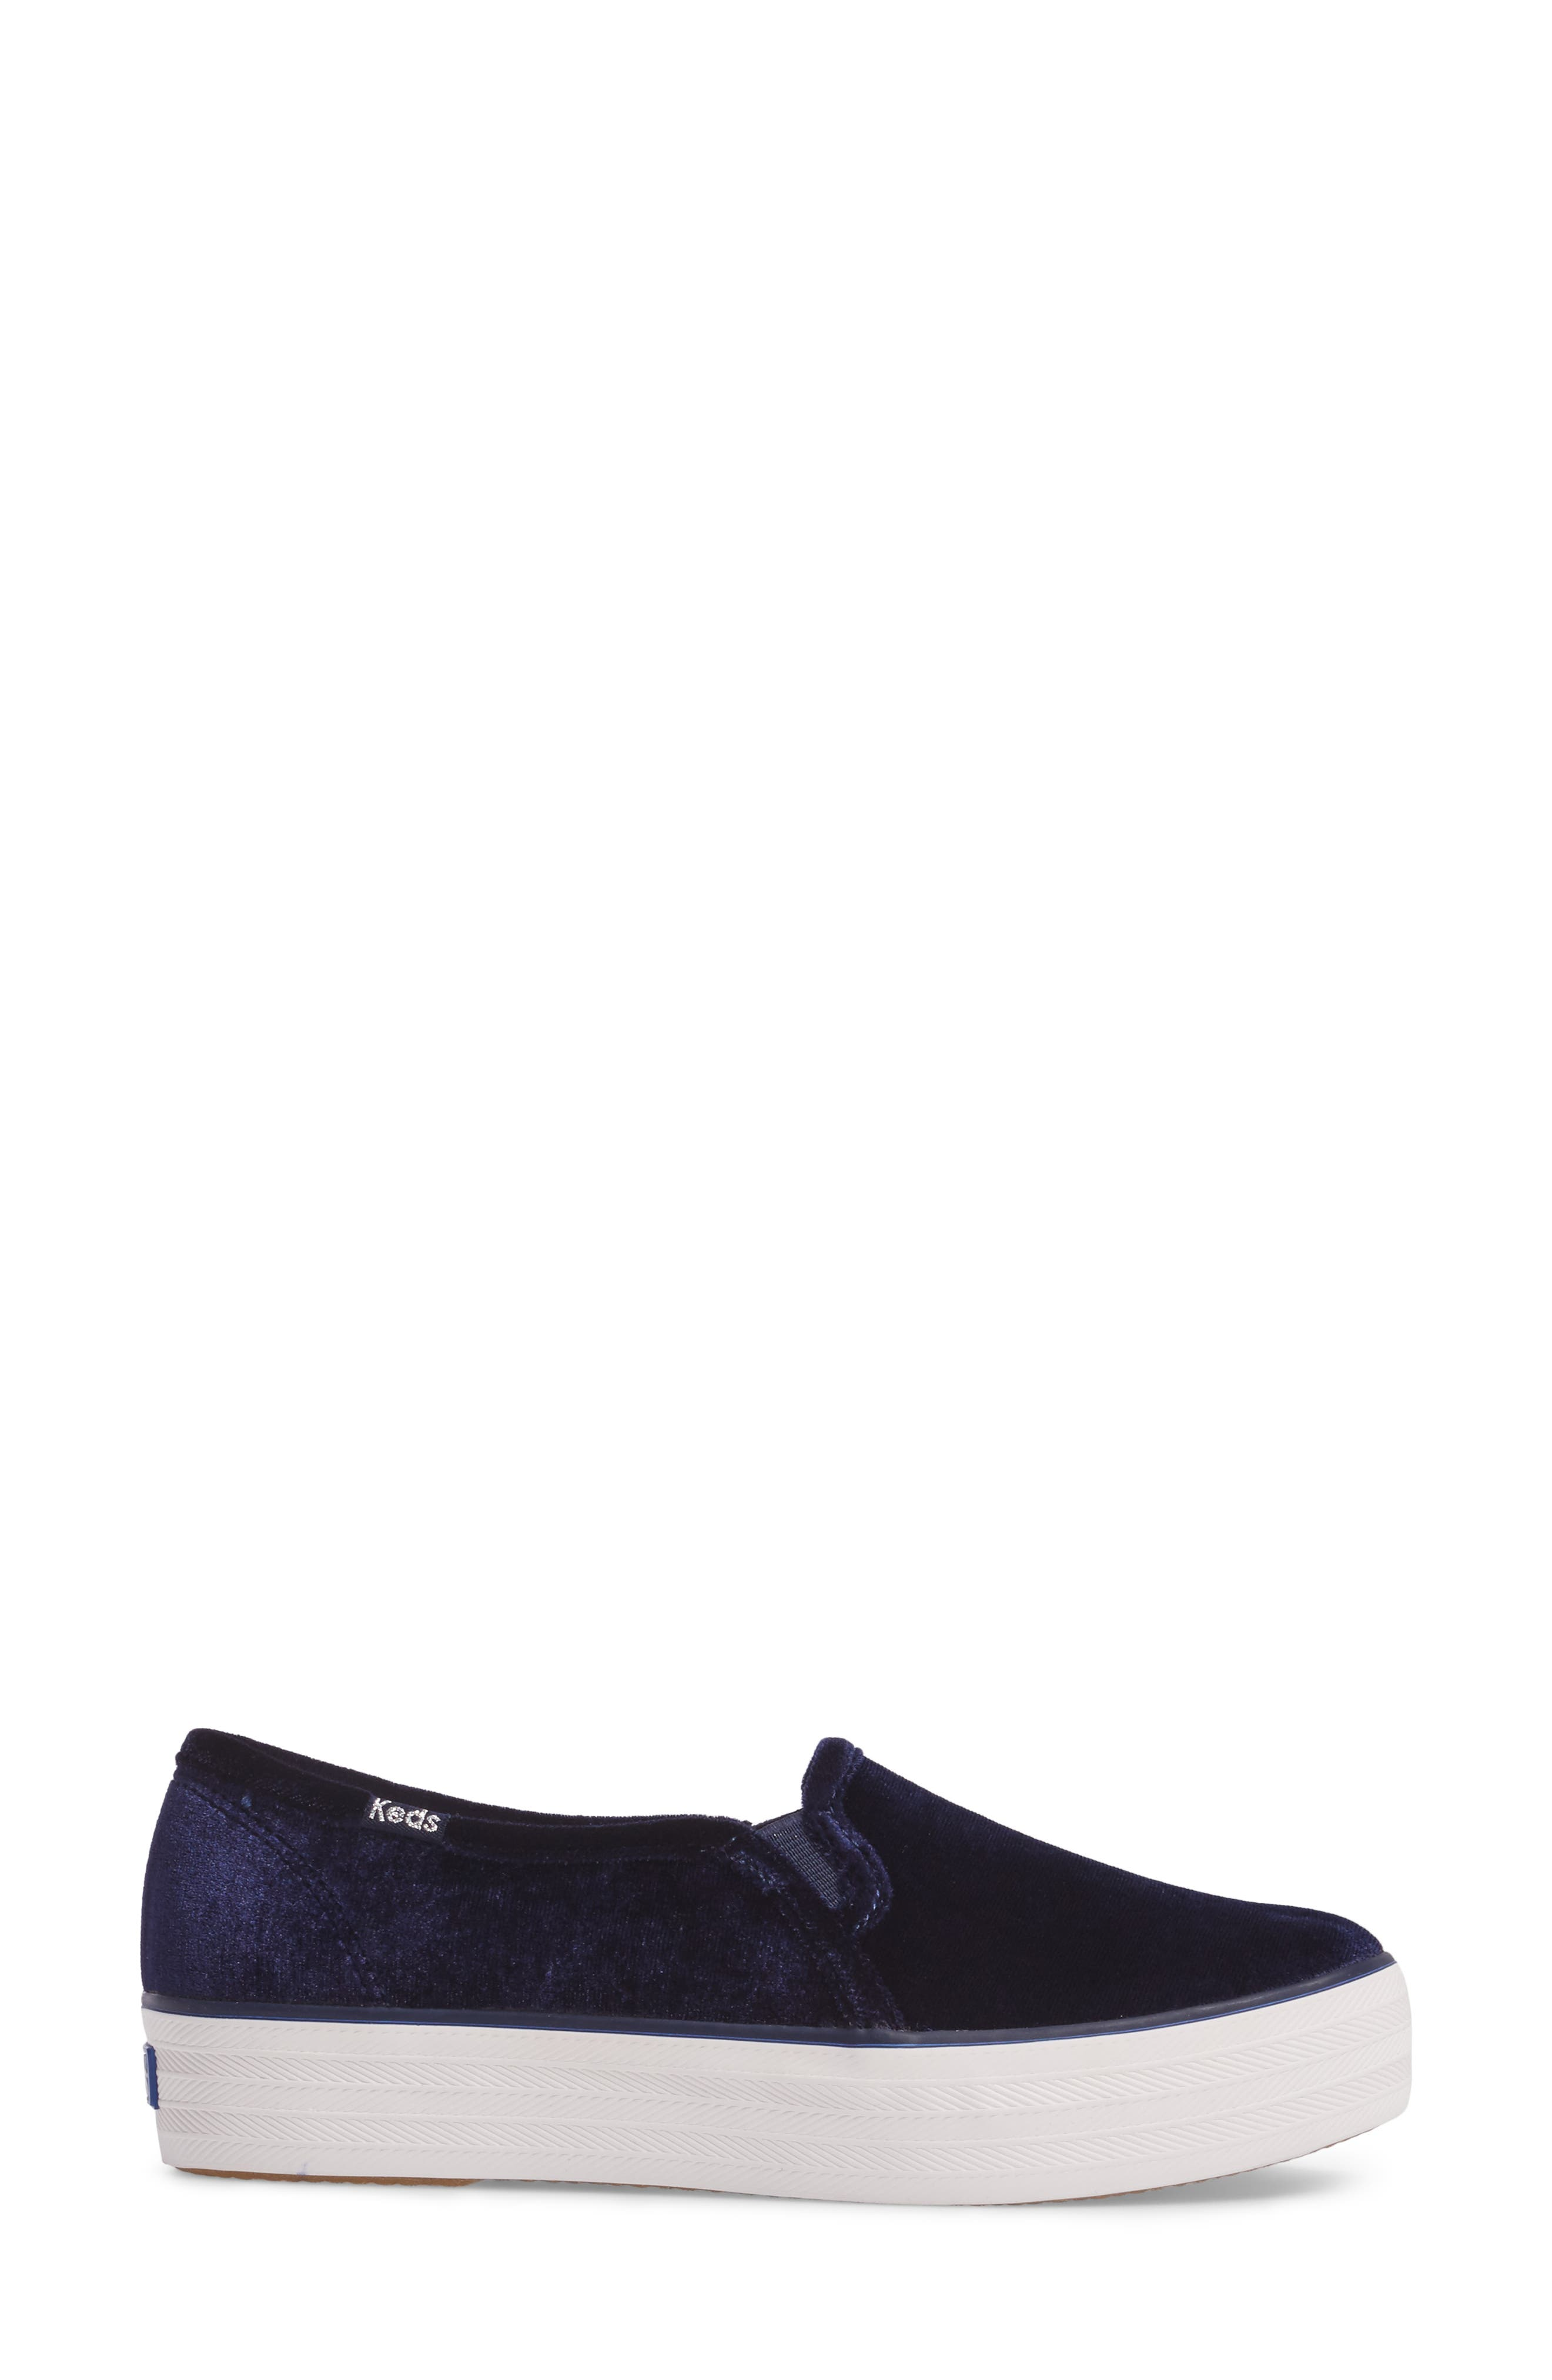 Triple Decker Slip-On Platform Sneaker,                             Alternate thumbnail 3, color,                             Navy Velvet